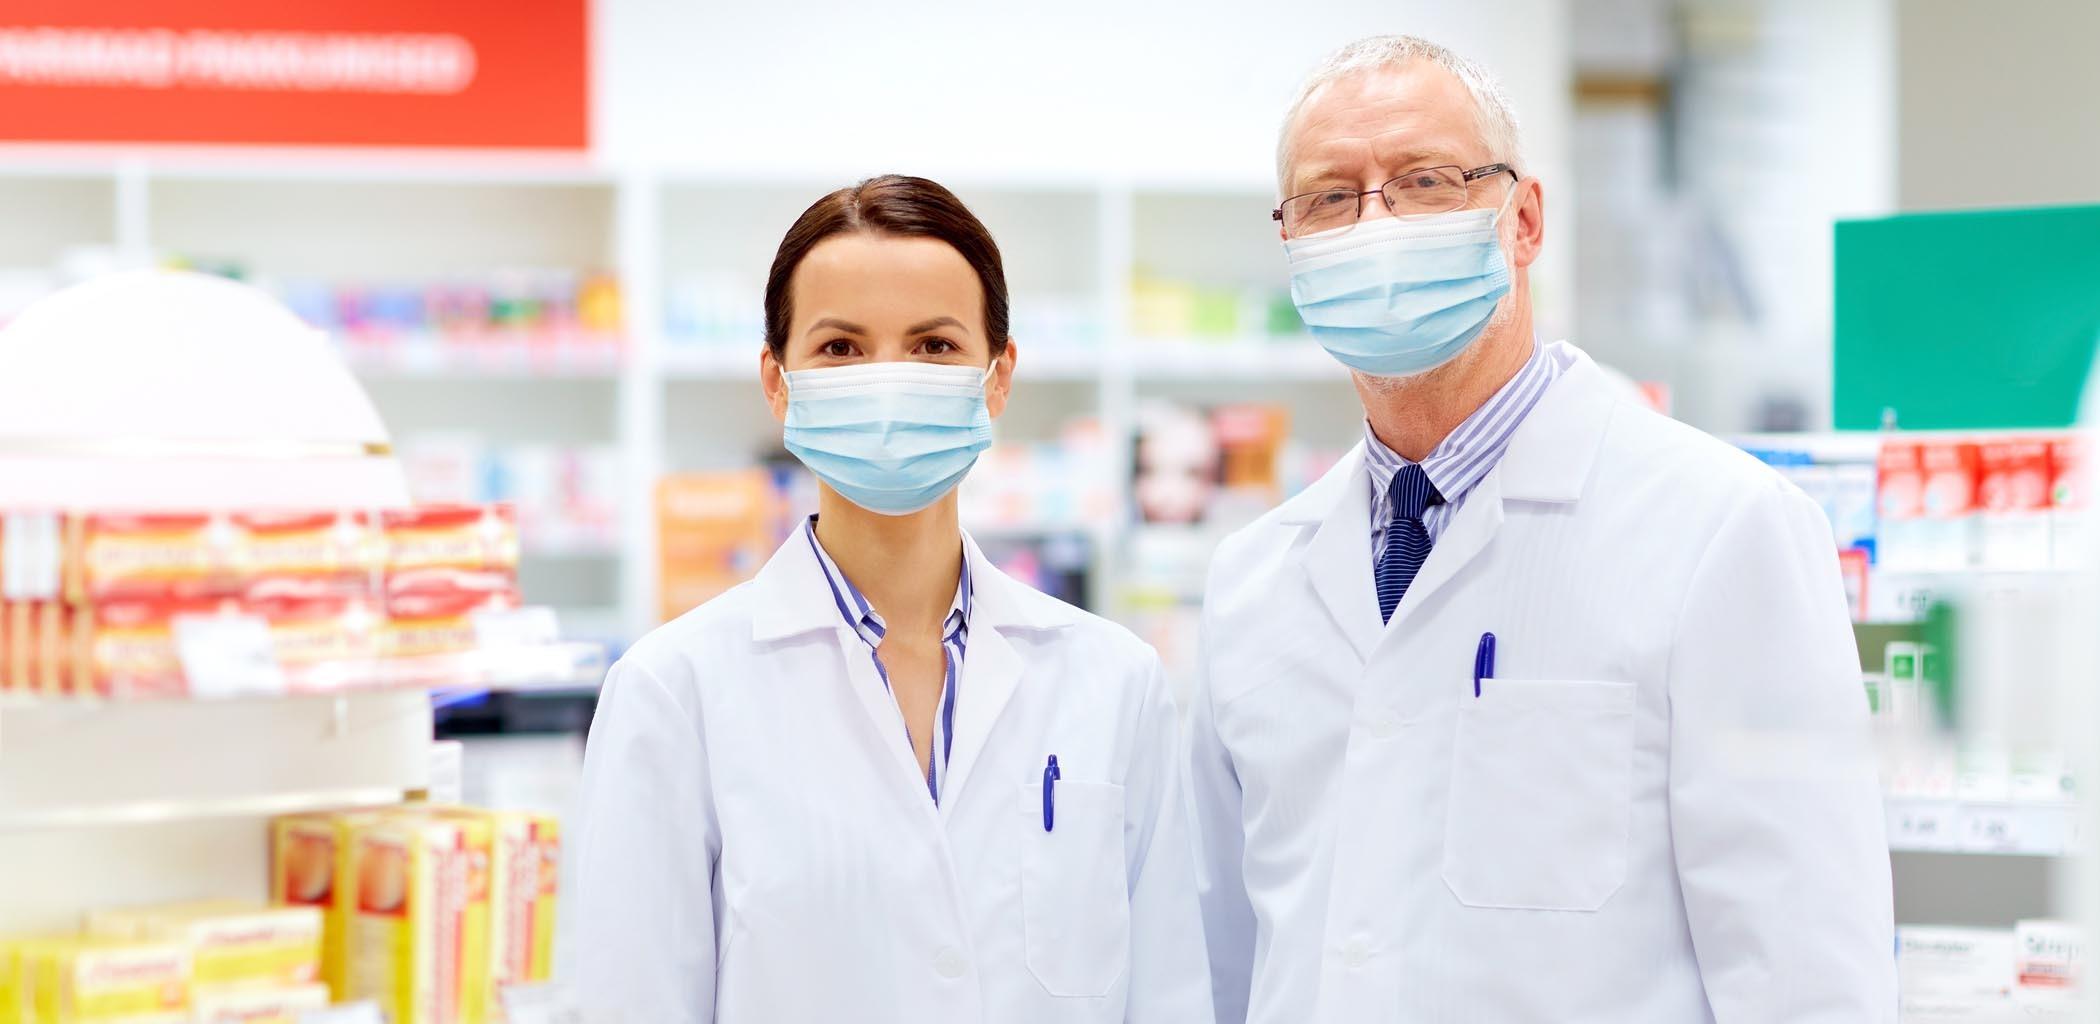 Formation Sanitaire Covid-19: Comment éviter un bris de service ?